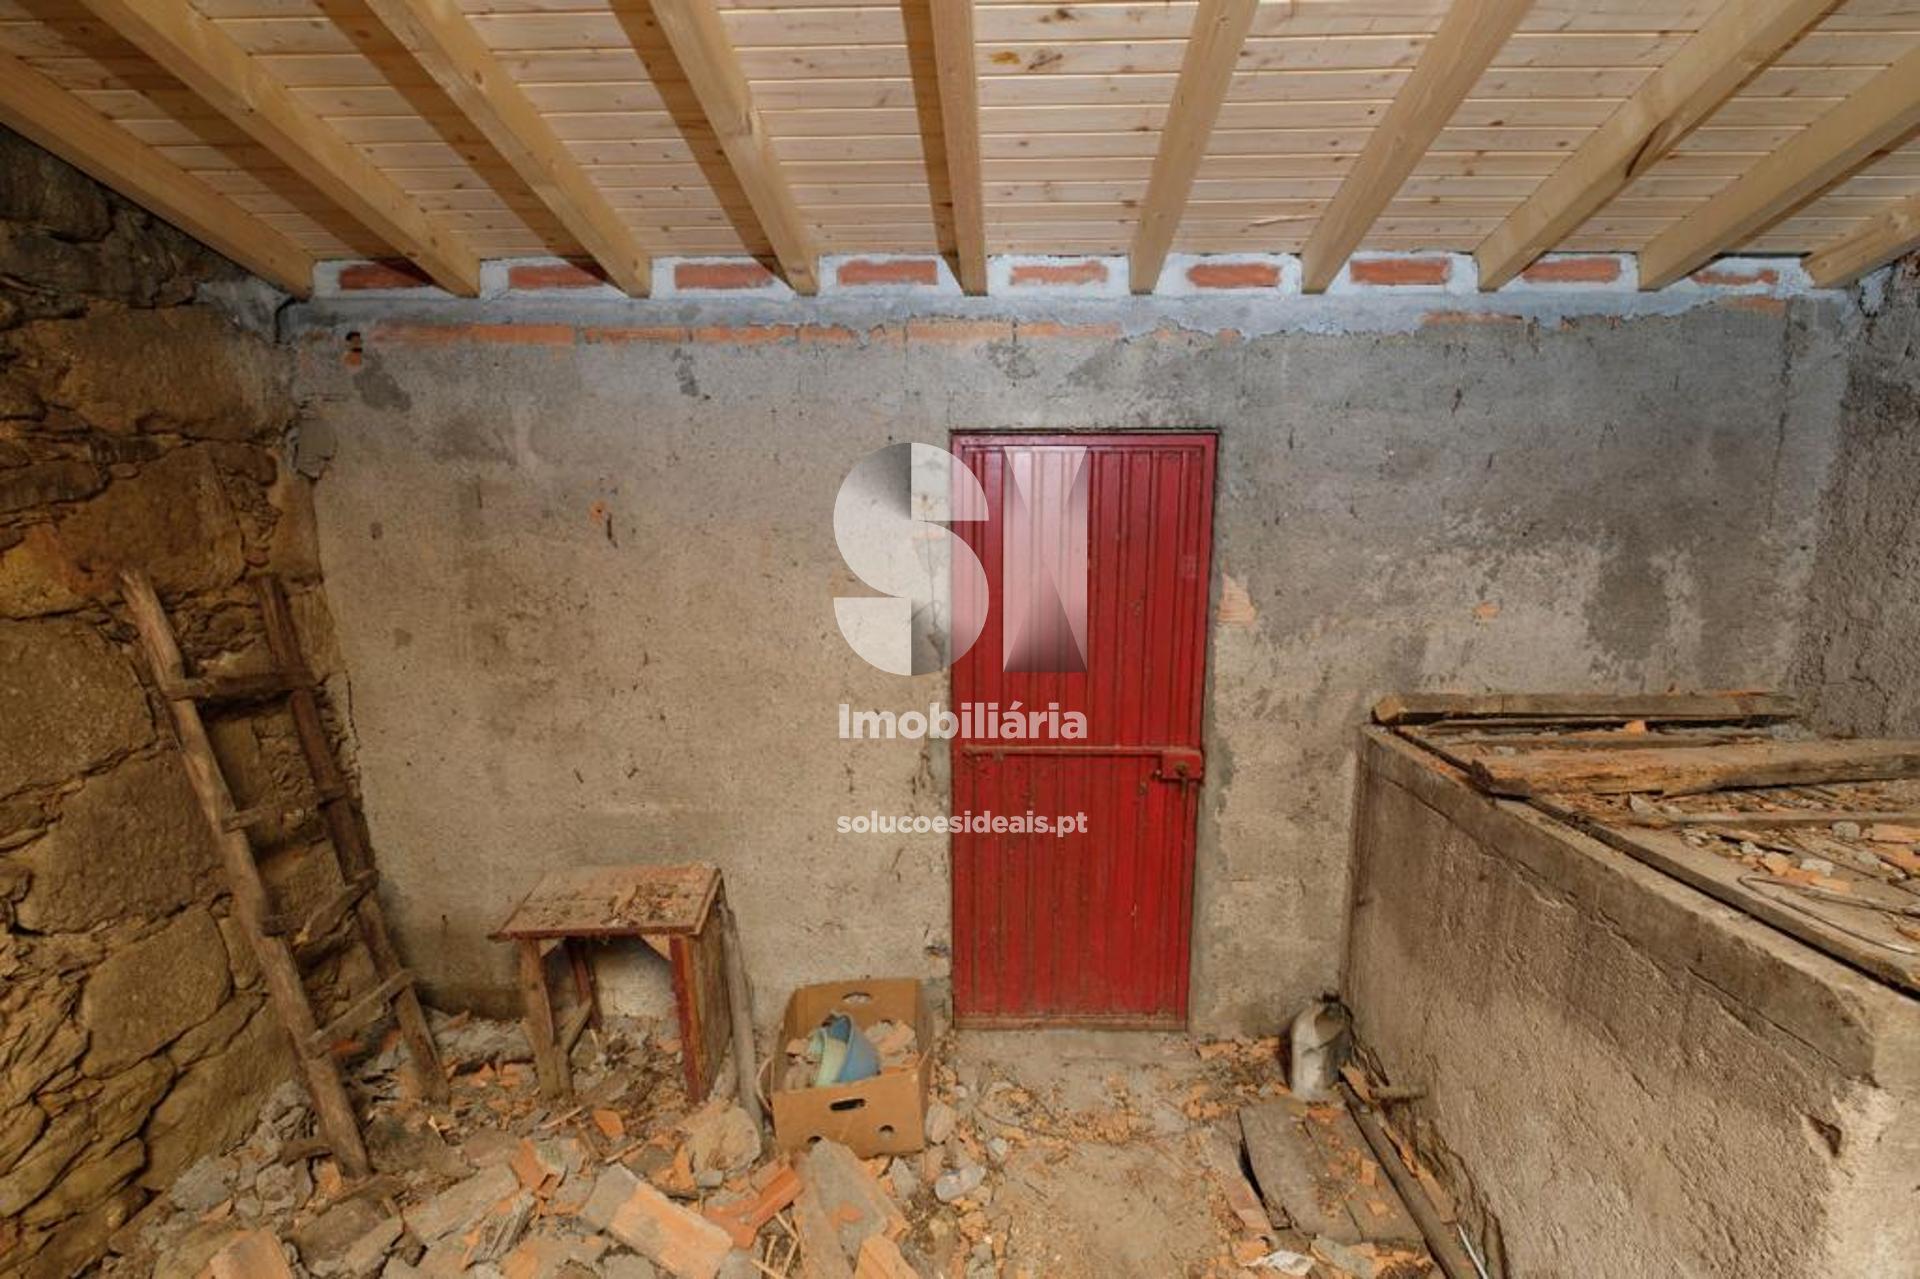 moradia para restaurar t2 para compra em vila nova de poiares poiares santo andre LSAYP610